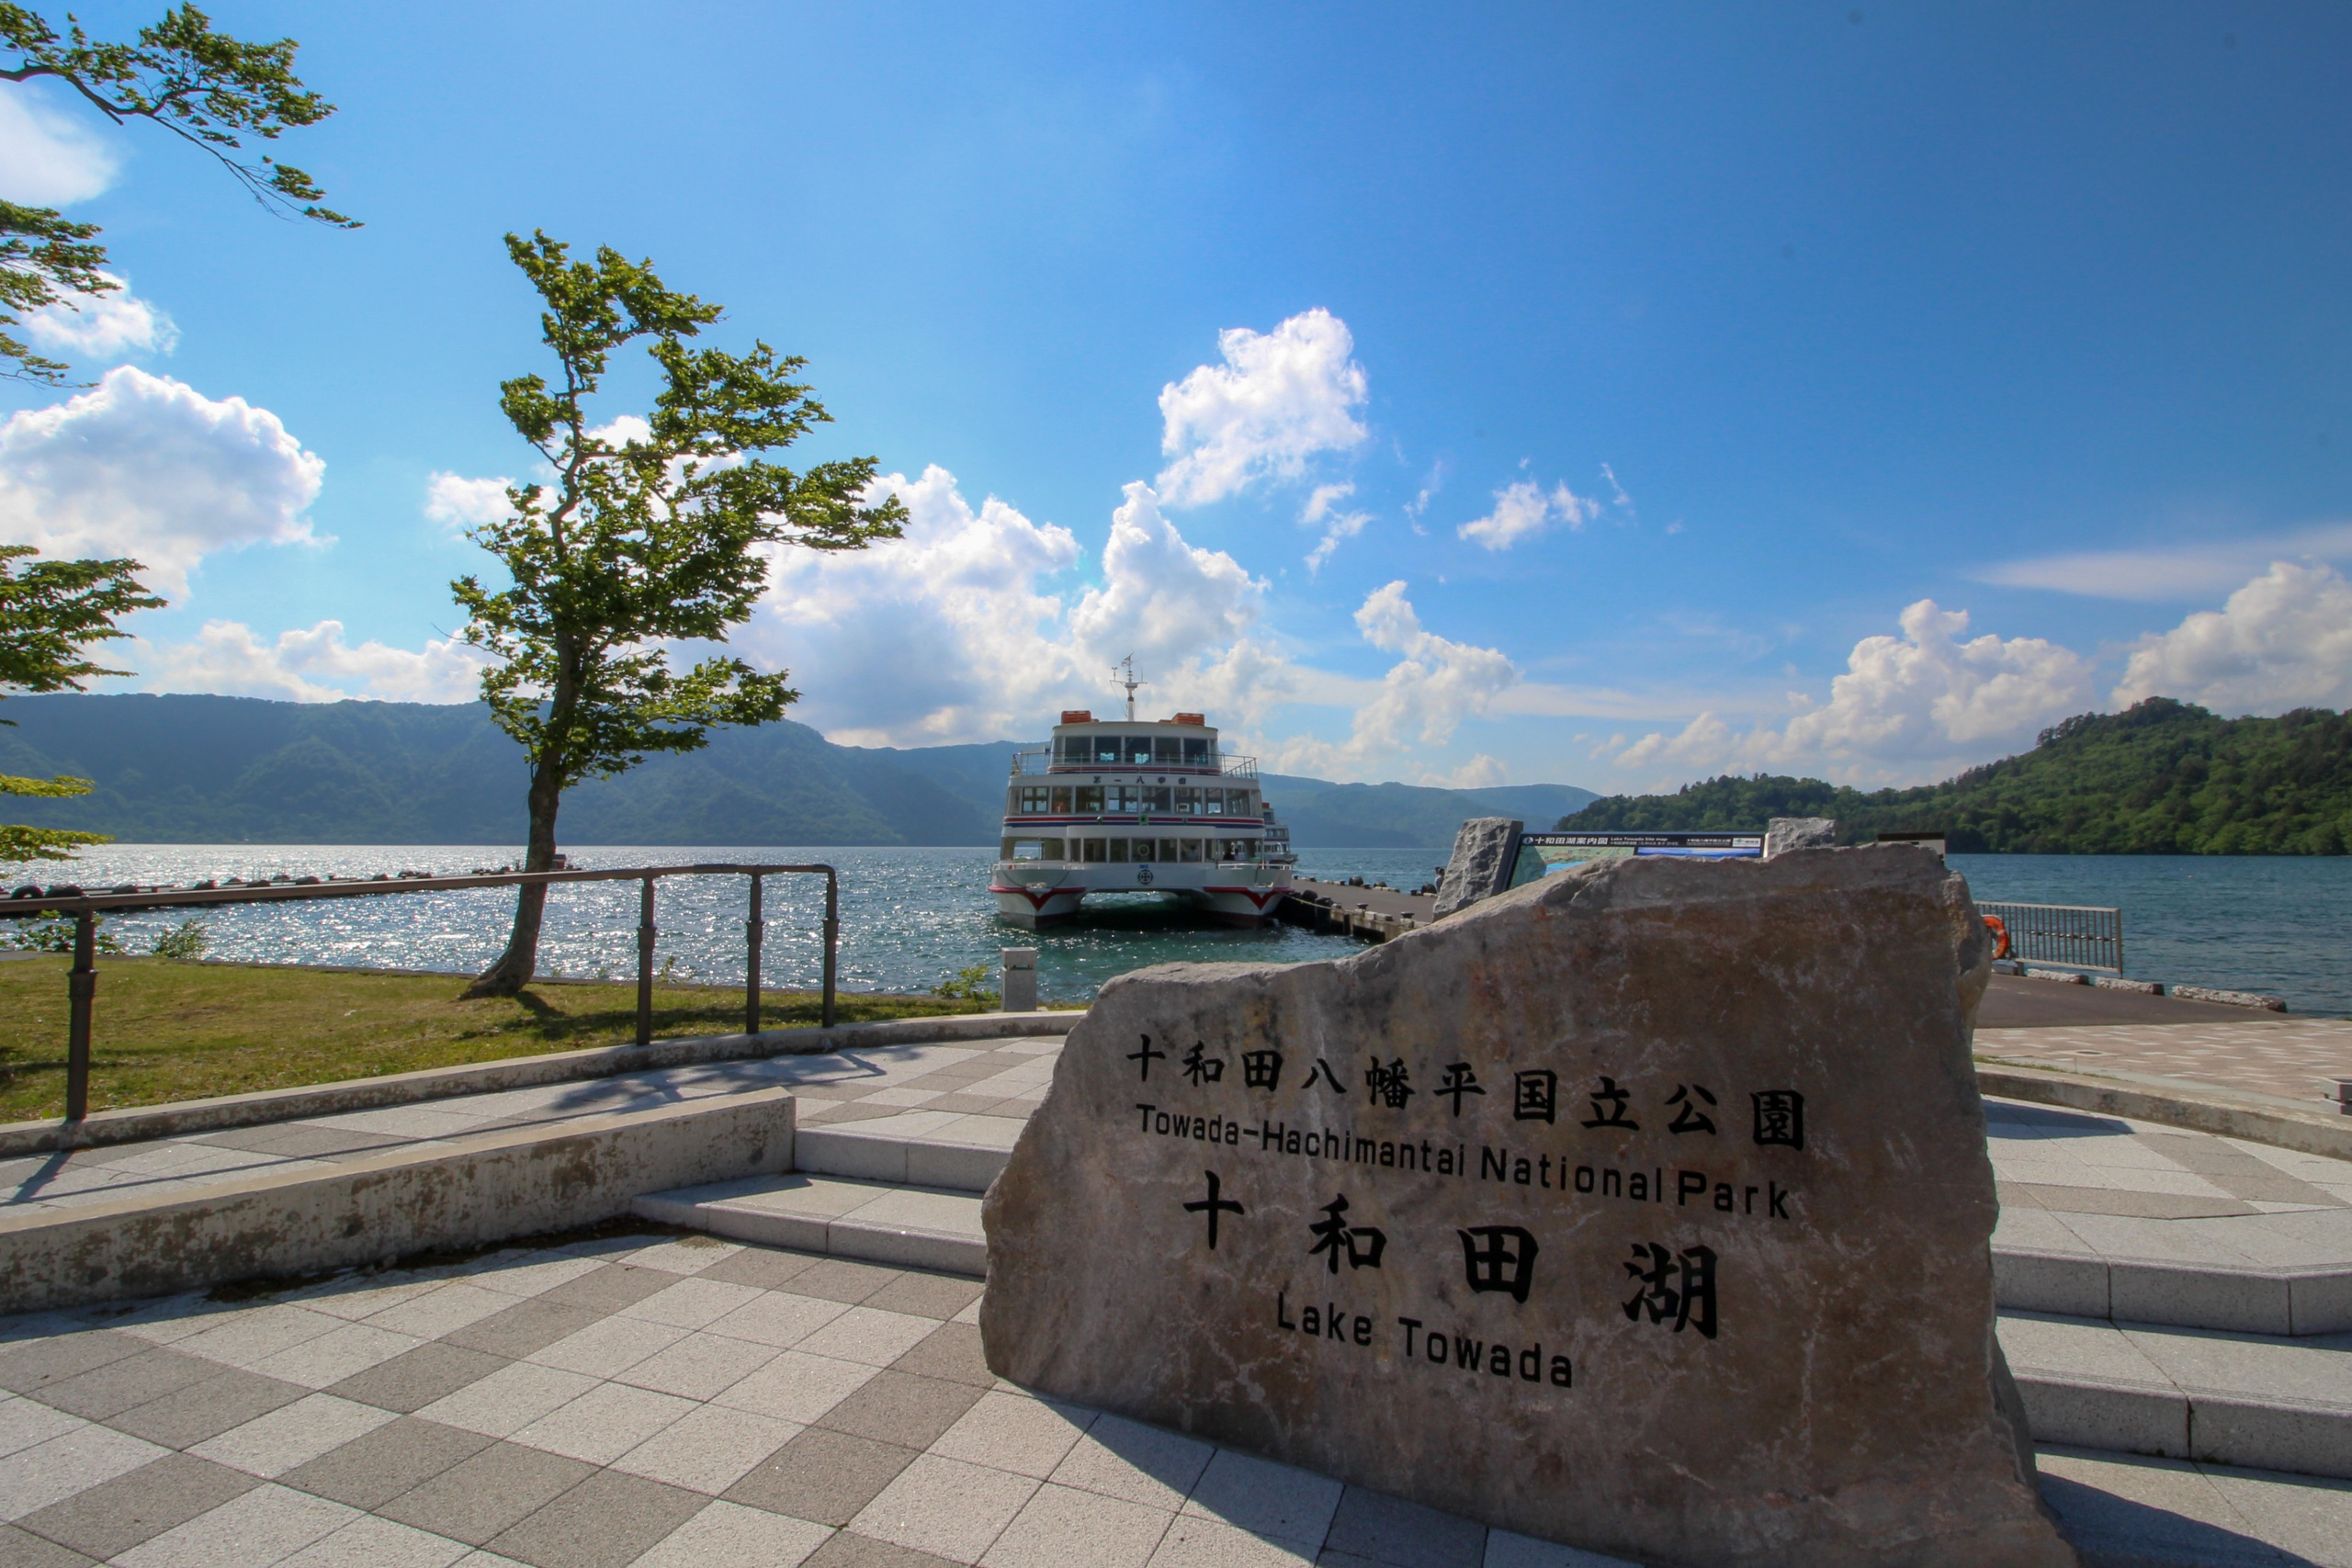 青森の自然を満喫できる美しい水の十和田湖